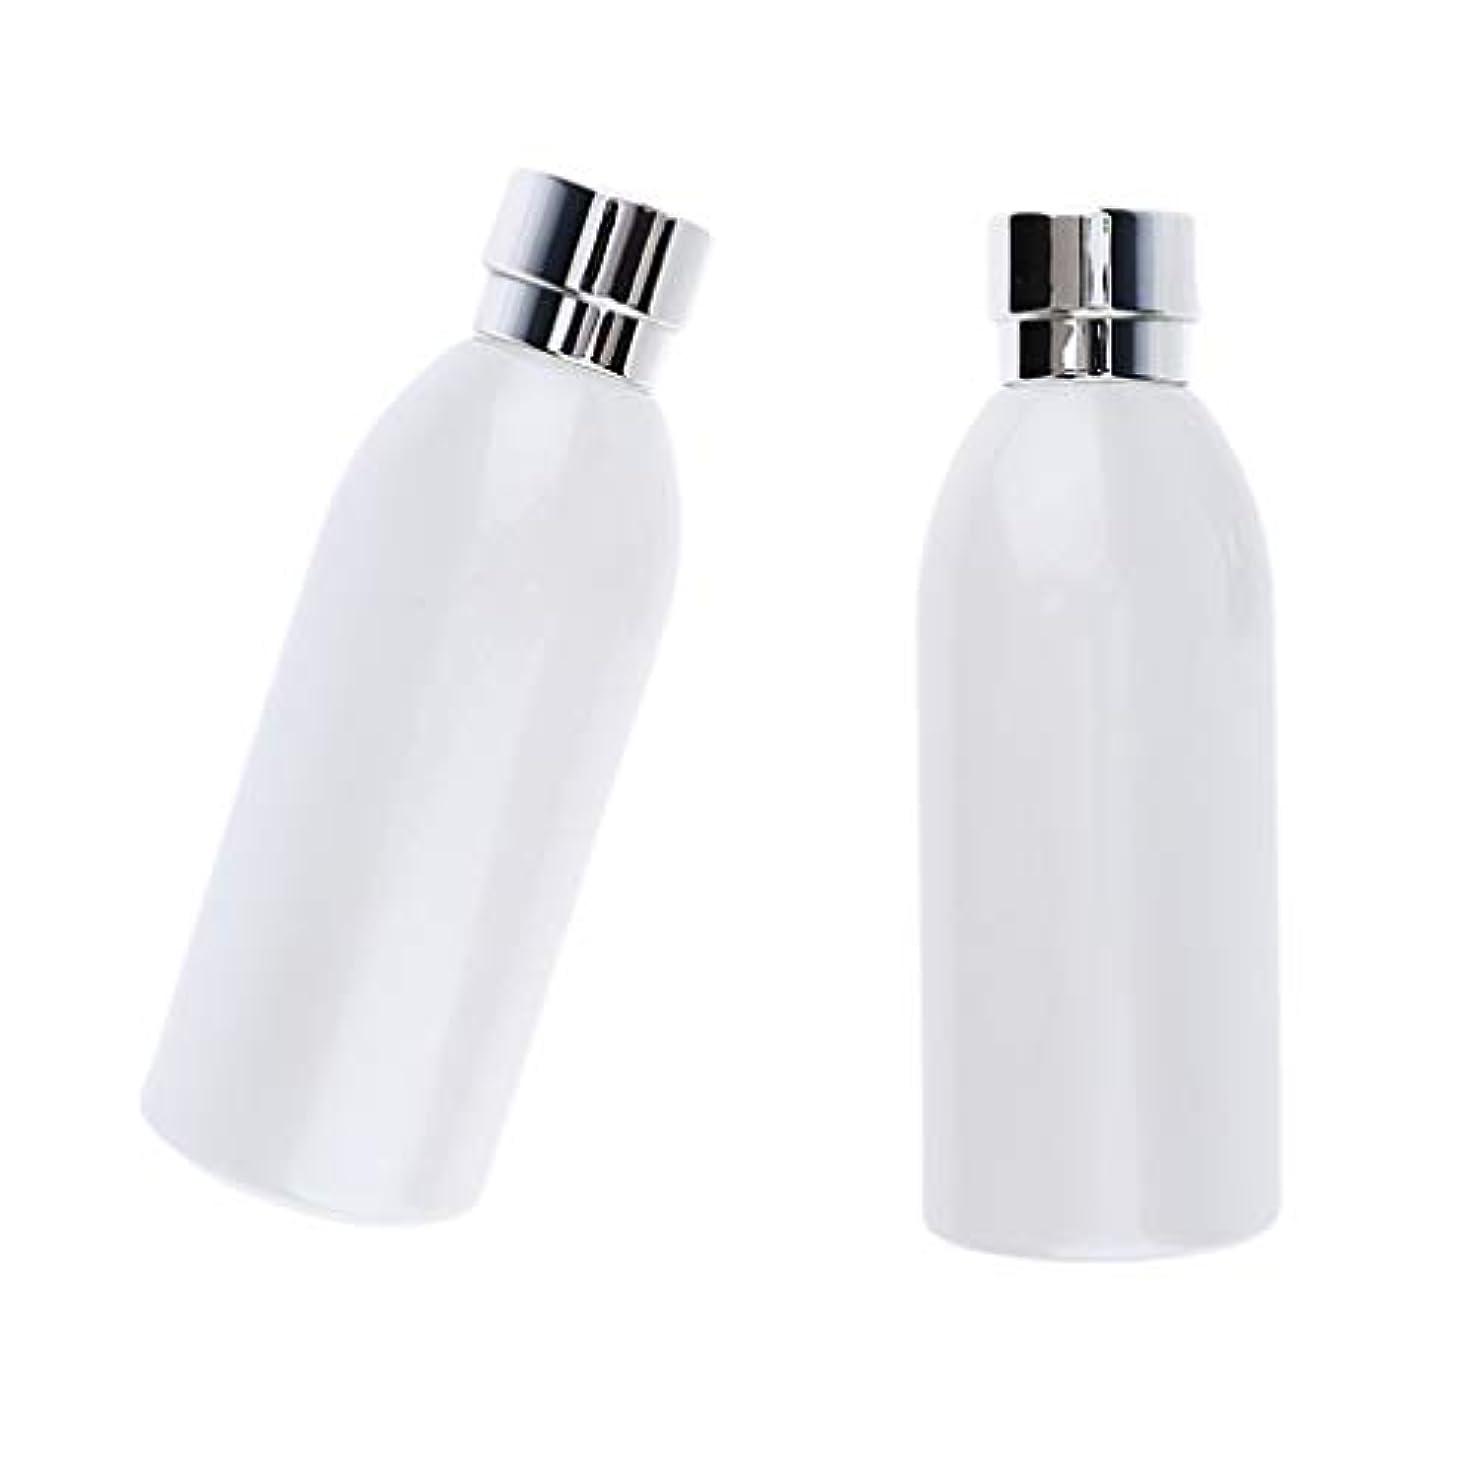 終わらせる真面目なマイナーPerfeclan 小分け容器 詰め替えボトル 空ボトル ローションボトル 化粧品瓶 トラベルボトル 120ml 2個